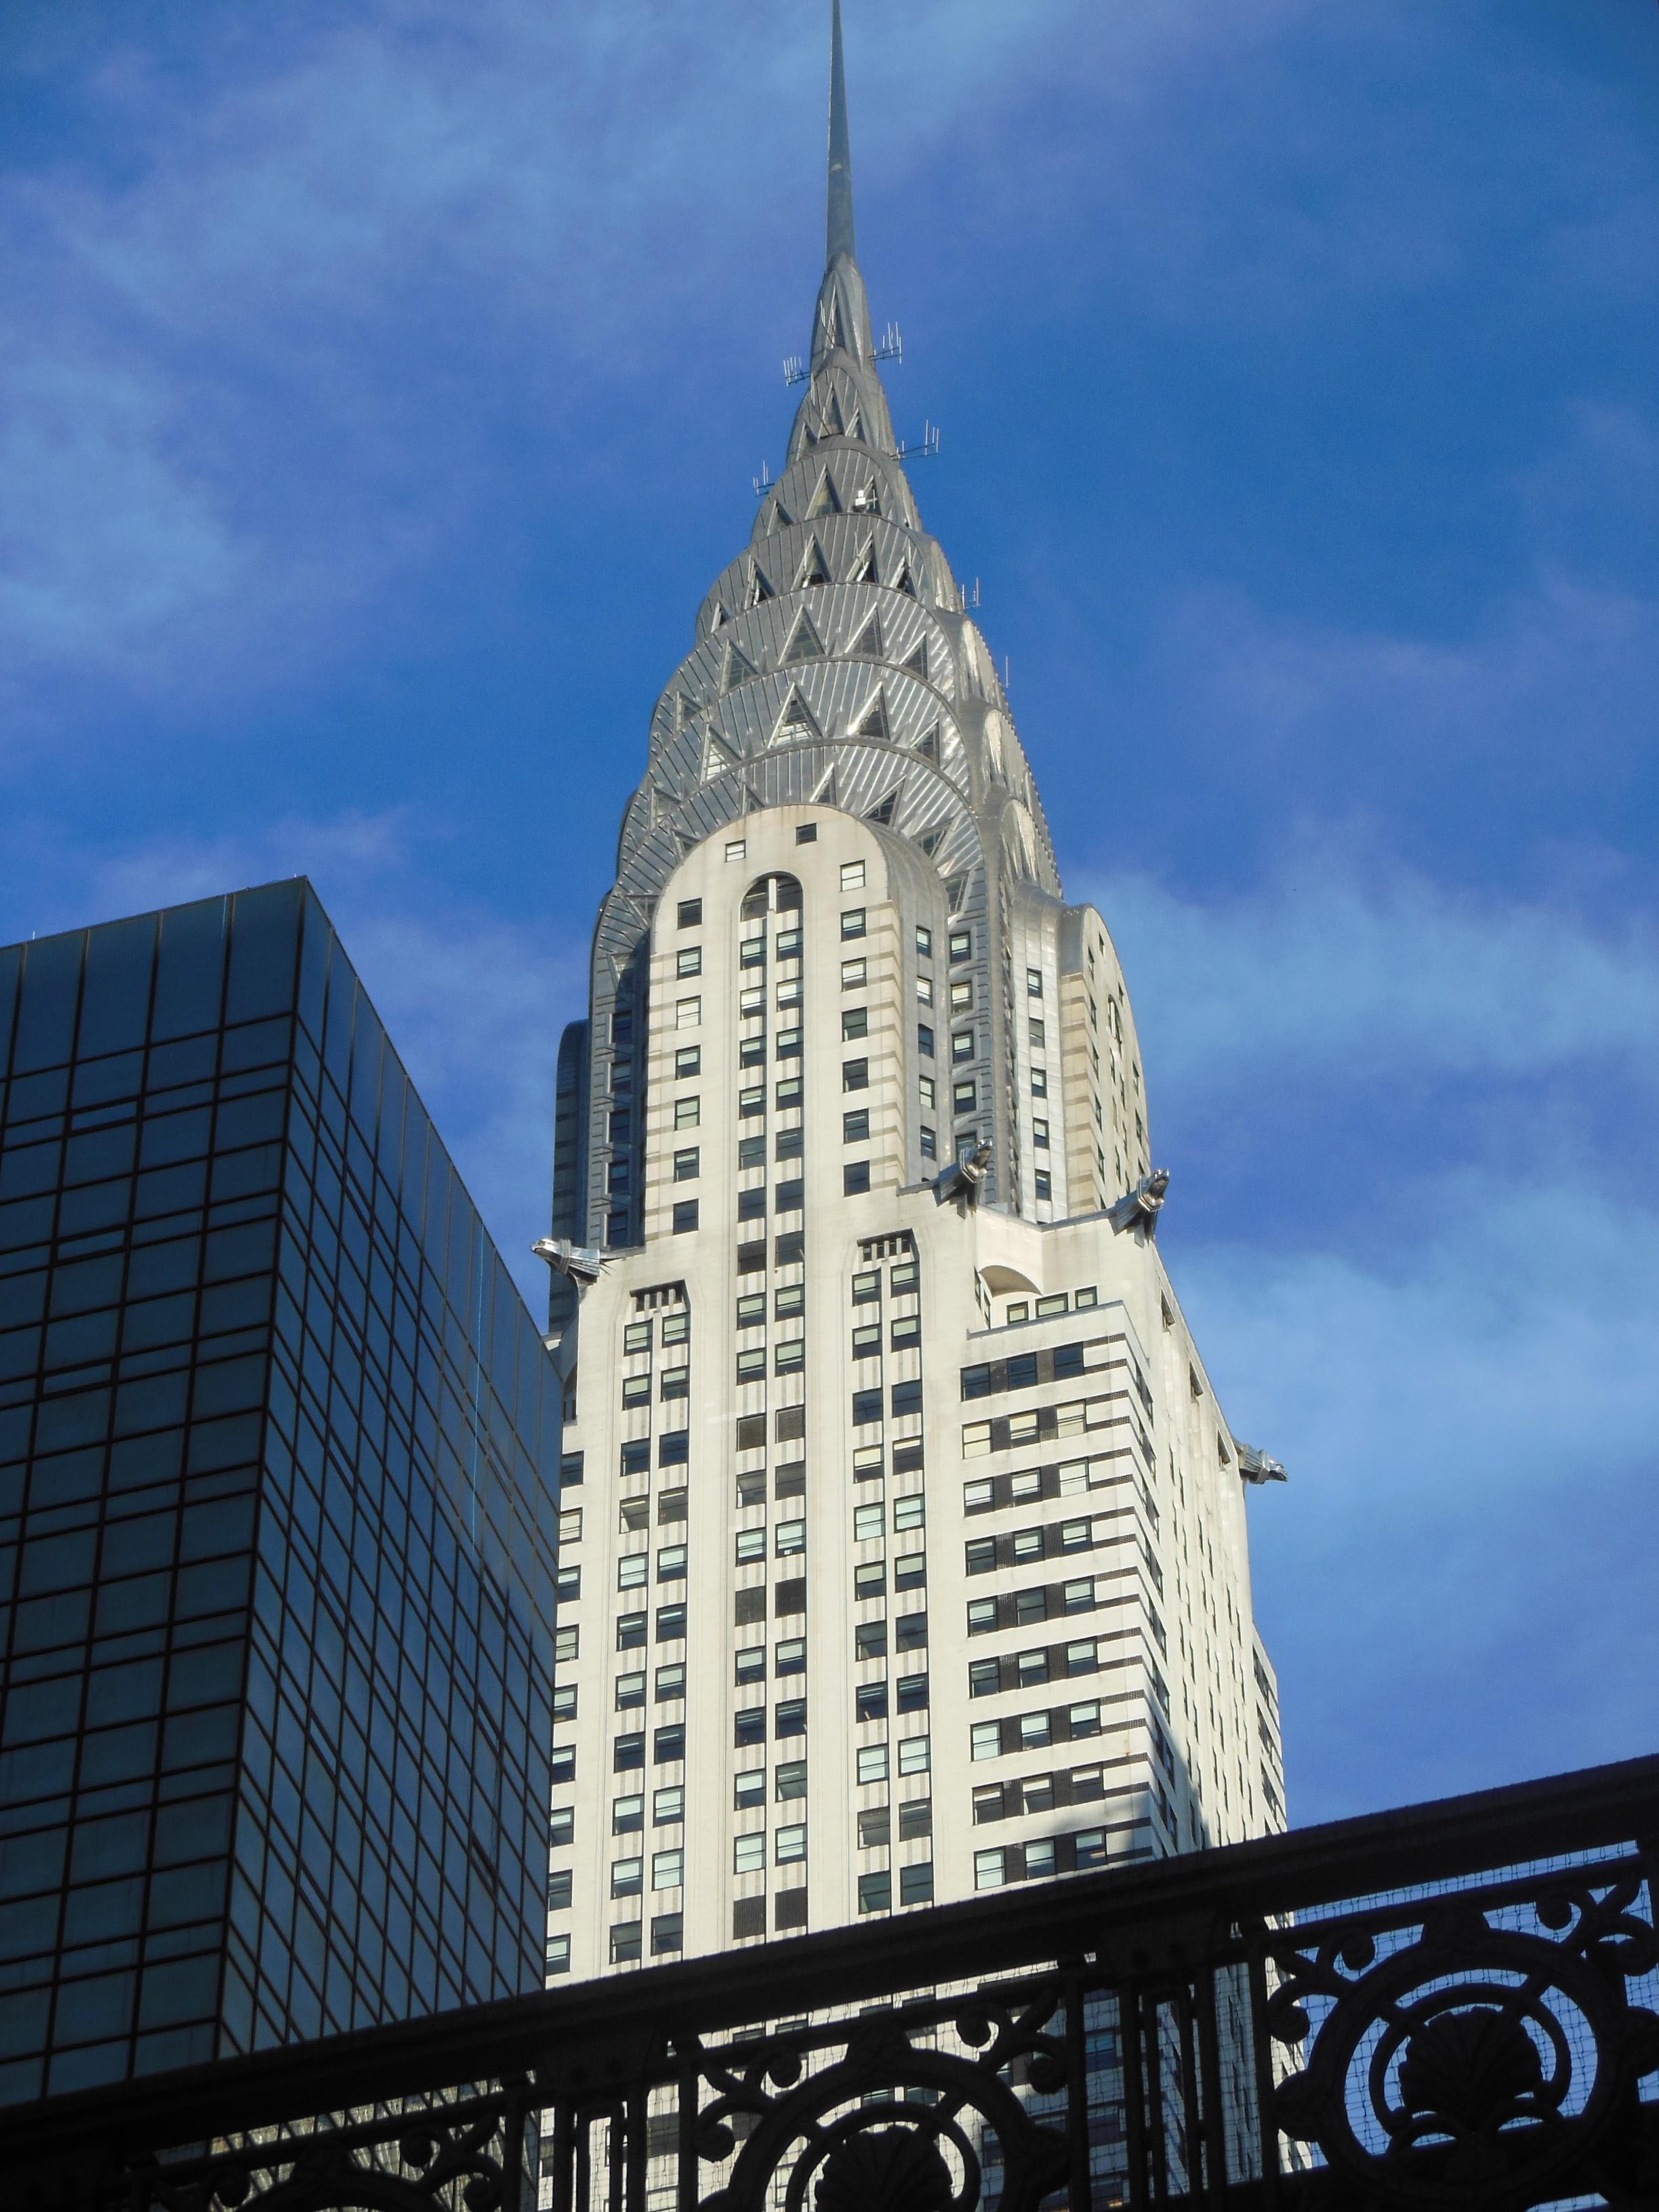 File:Chrysler Building (1) 01.jpg